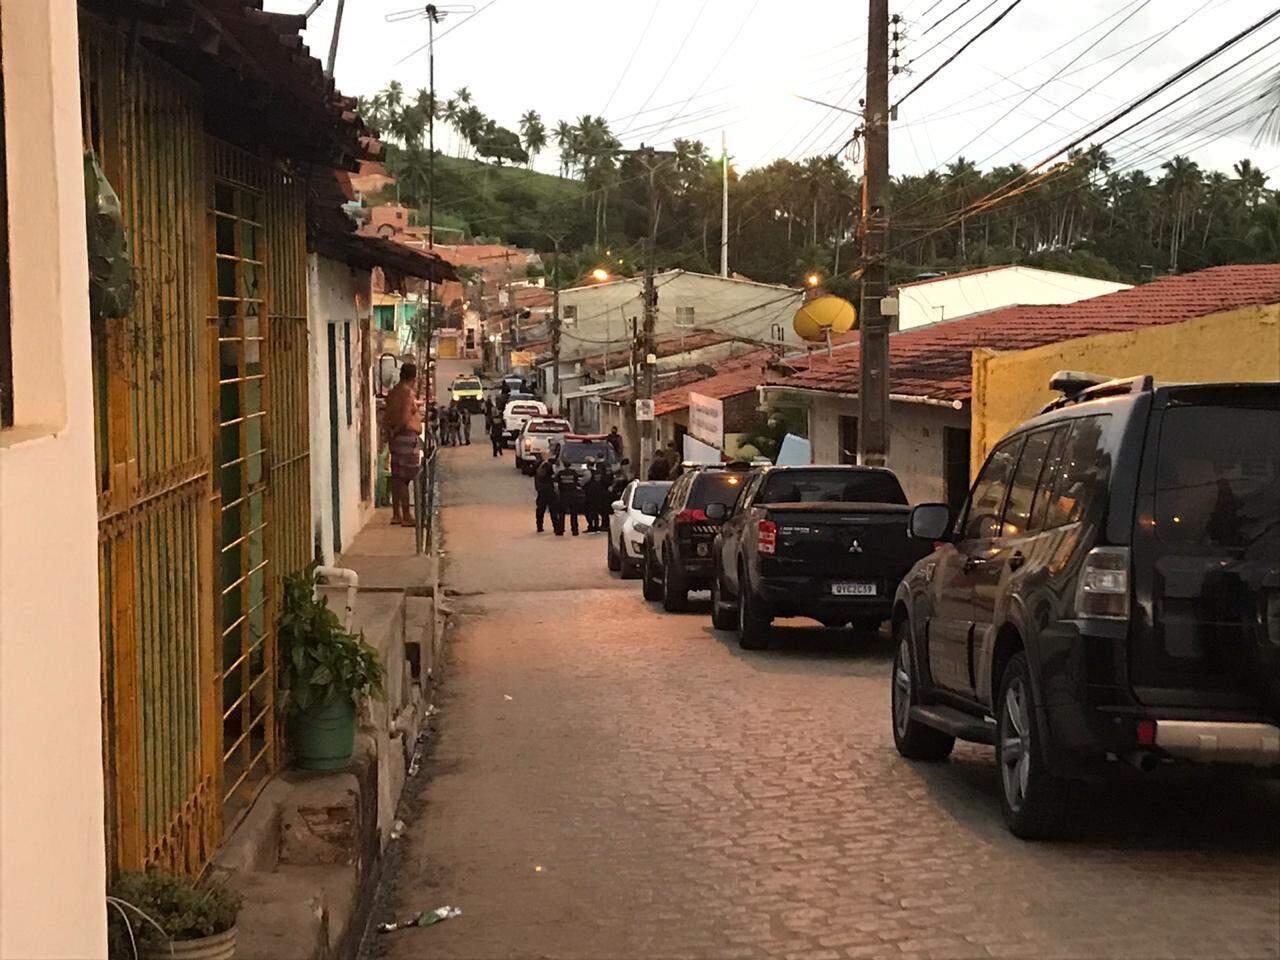 Operação foi comandada em Alagoas e desencadeada e mais dez estados, entre eles, MS (Foto/Divulgação: MPAL)